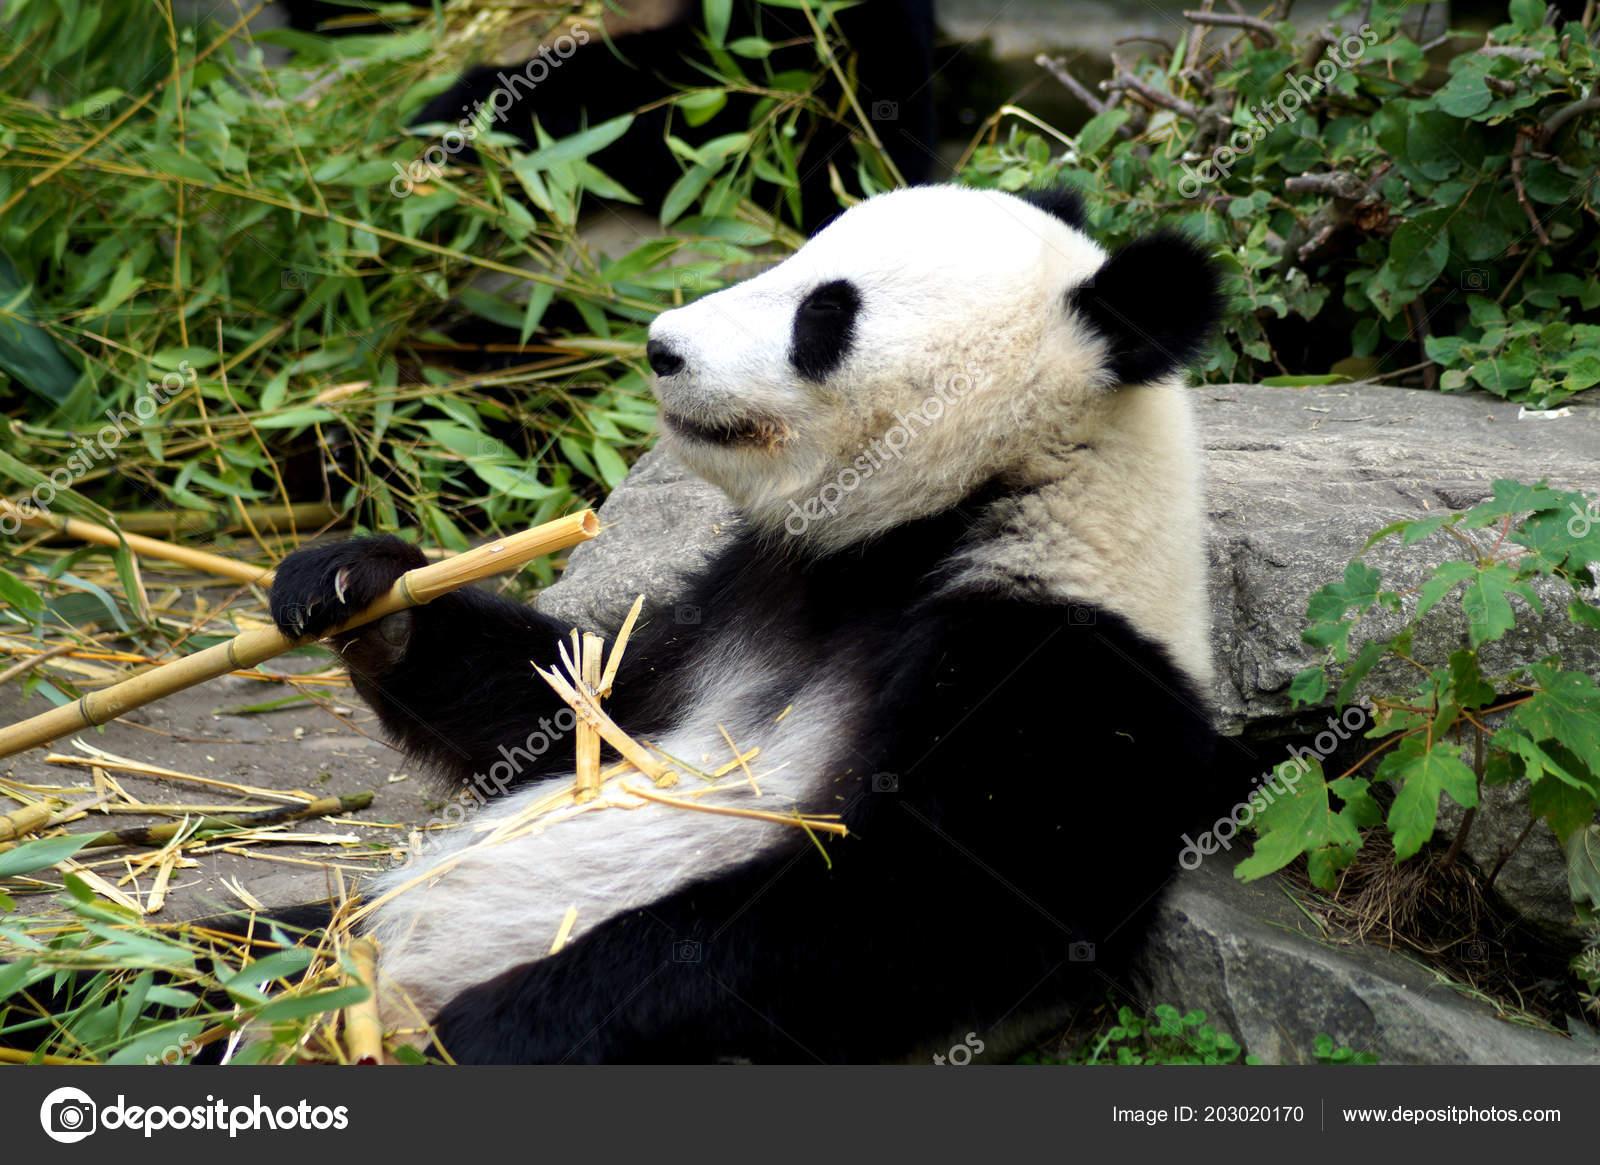 Groer Pandabr Beim Bambus Essen Stock Photo C Spiderwoman81 203020170